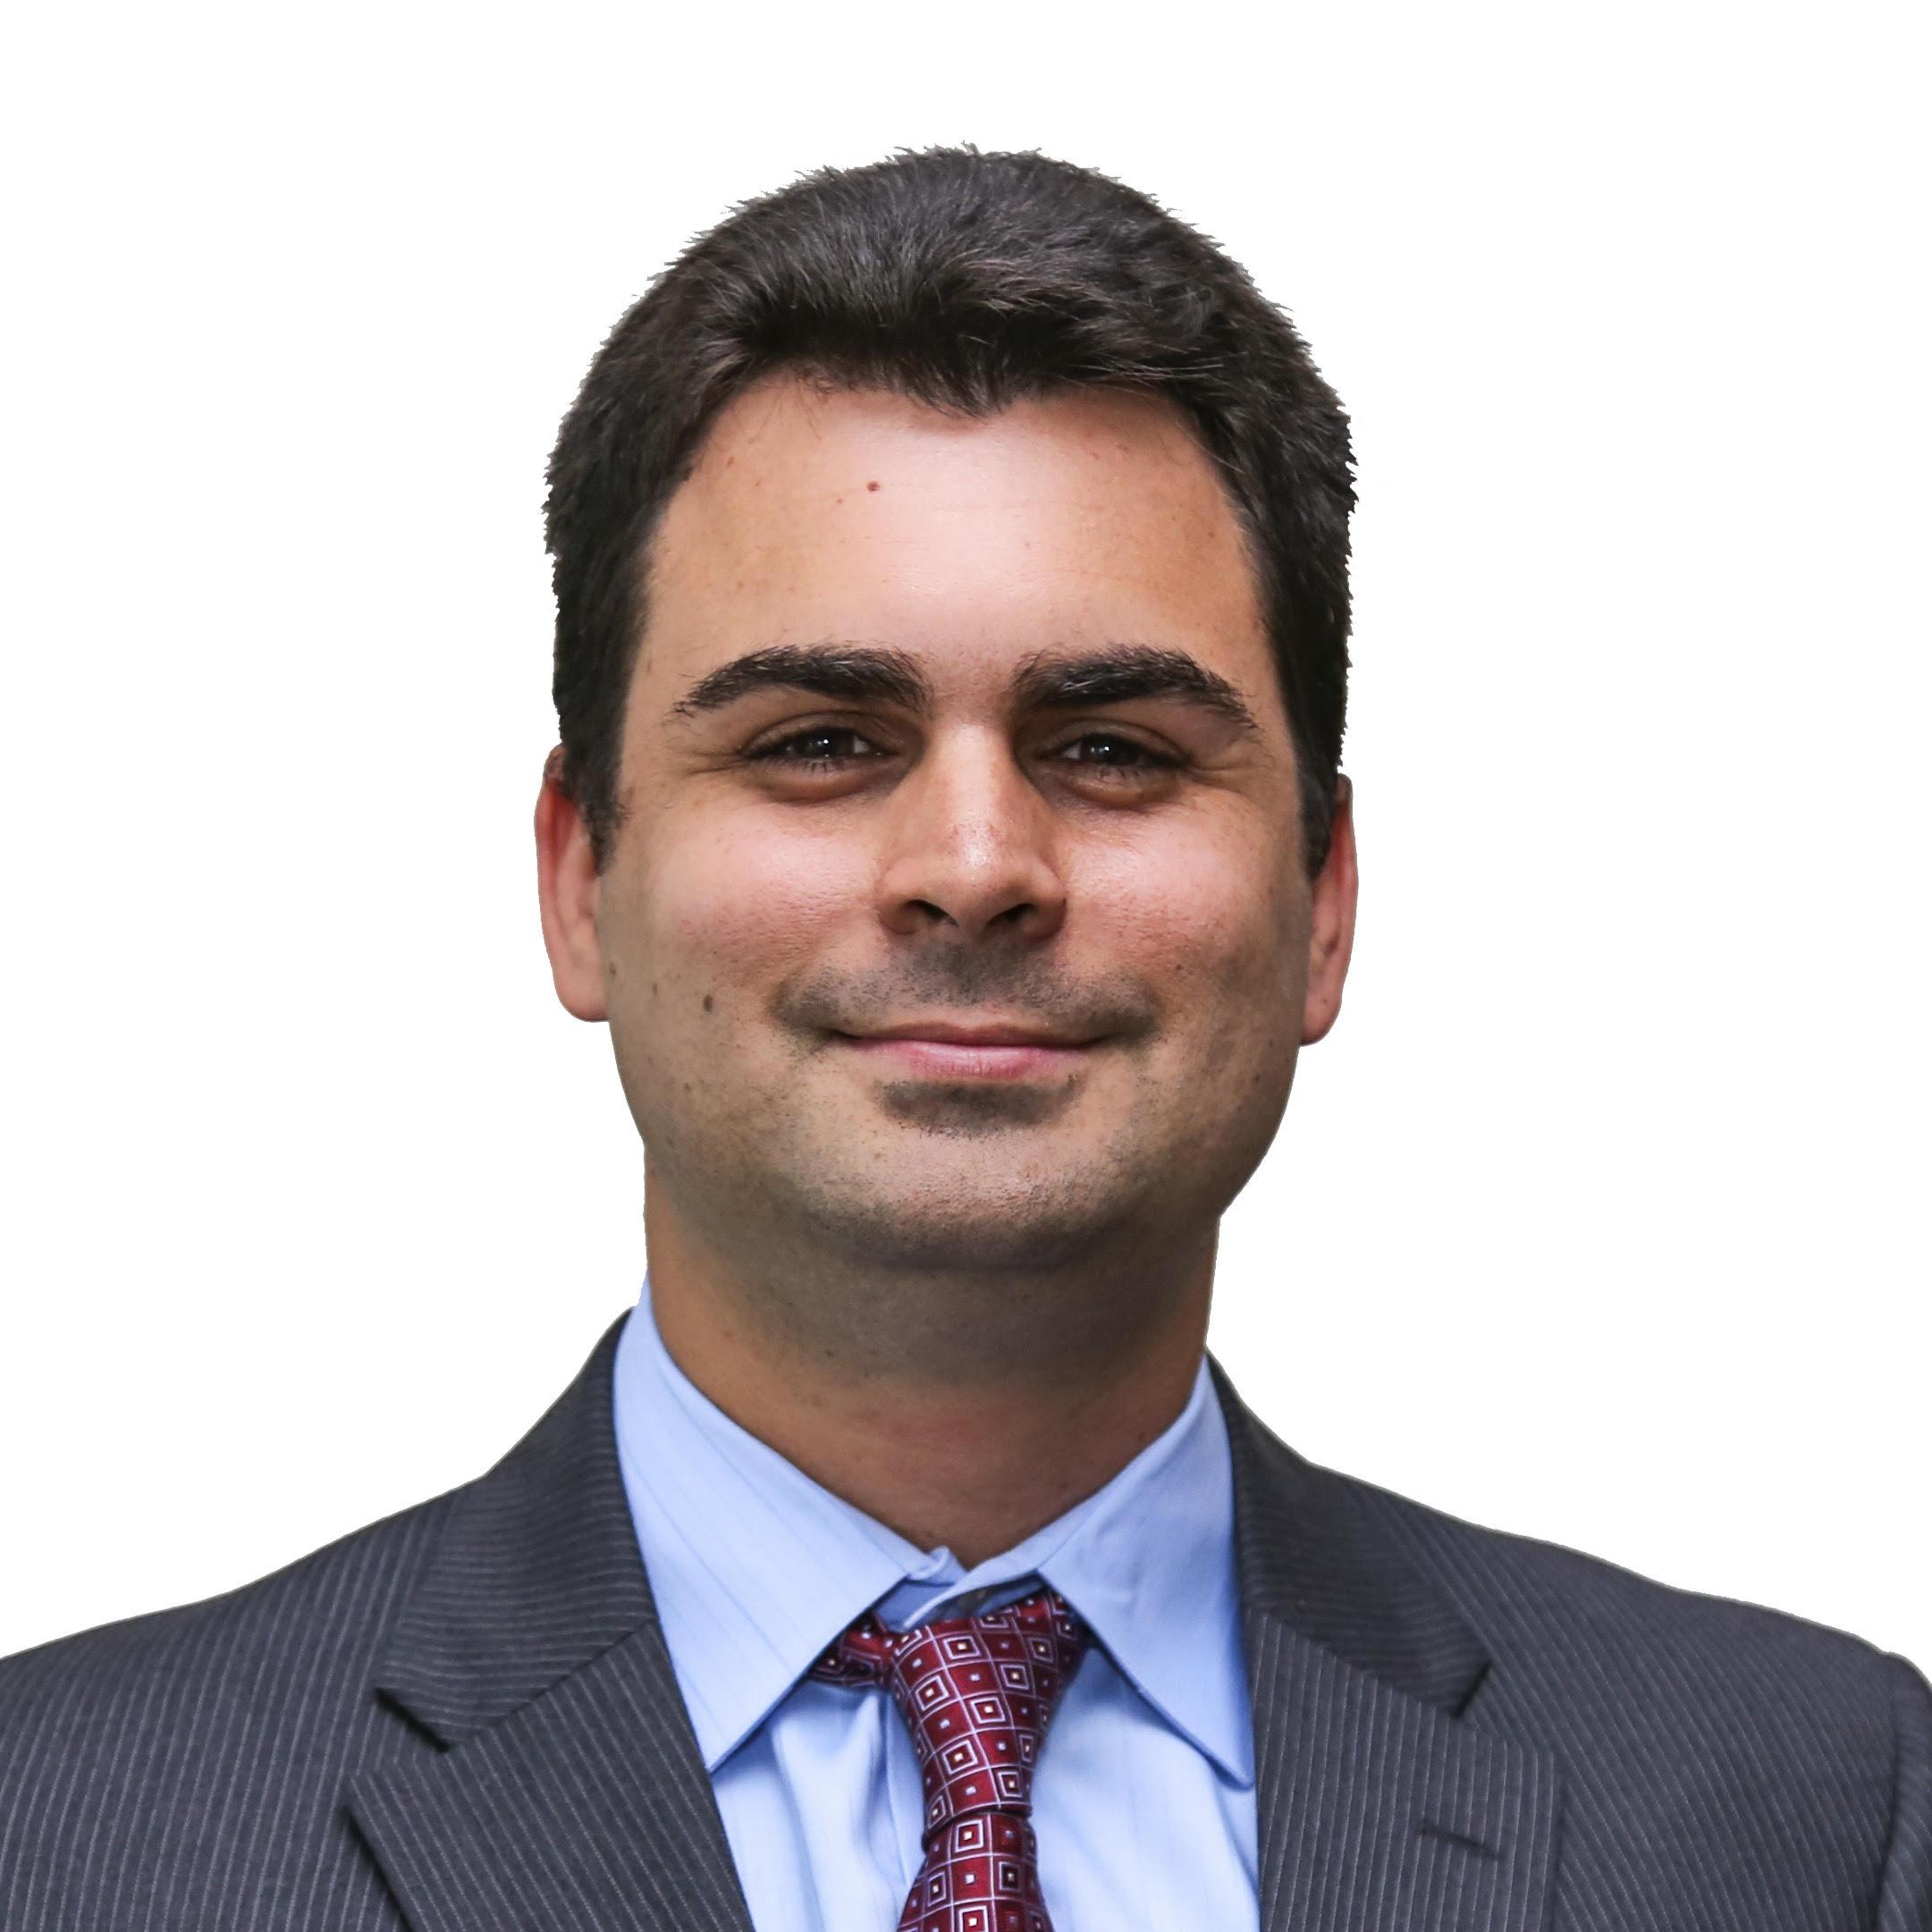 Chris Poulos Realtor